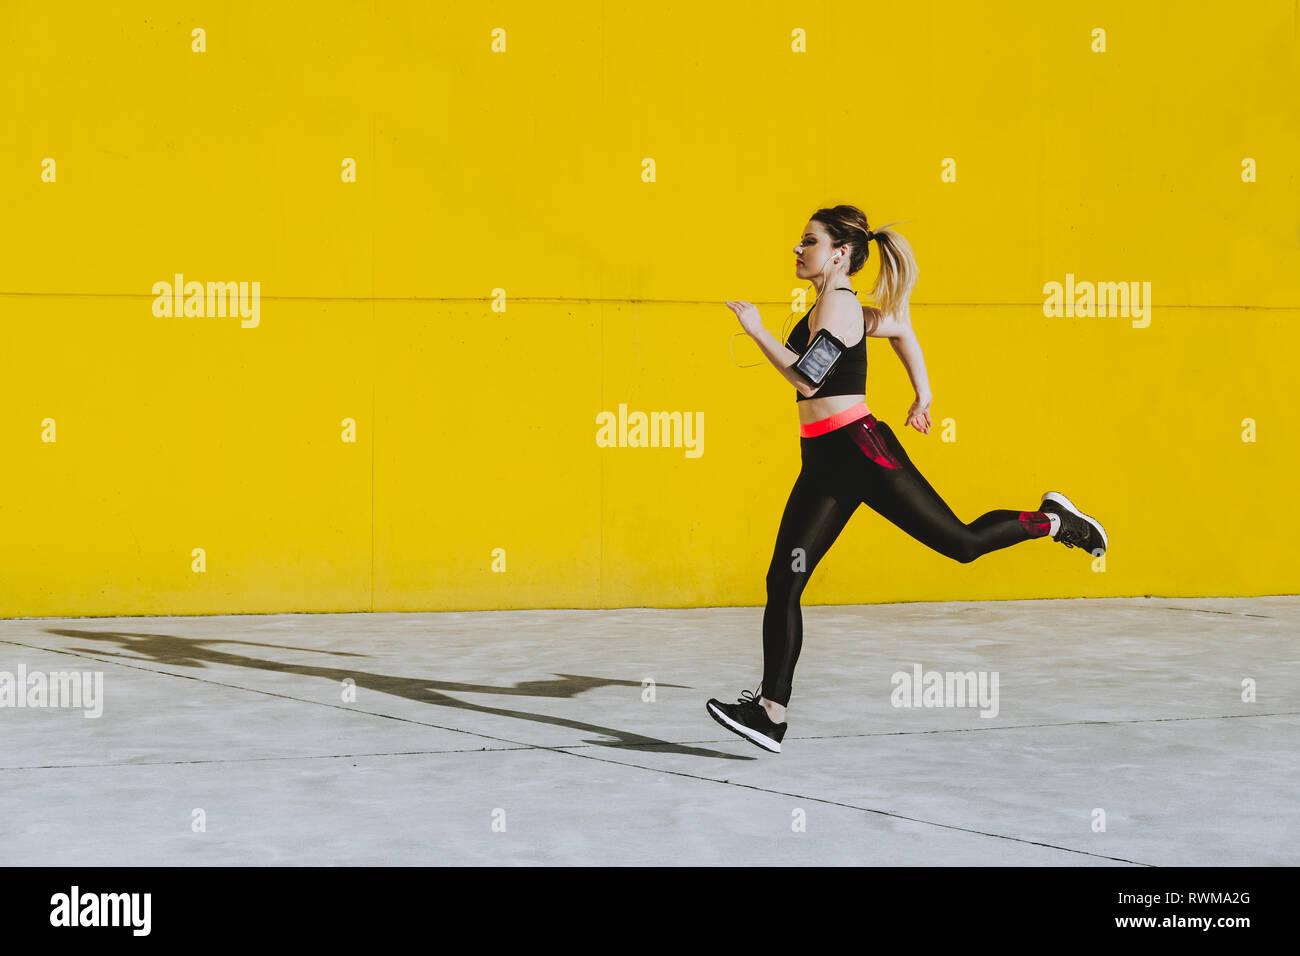 Seitenansicht der jungen Dame in Sportswear mit Kopfhörer läuft in der Nähe von Yellow Wall im sonnigen Tag Stockbild